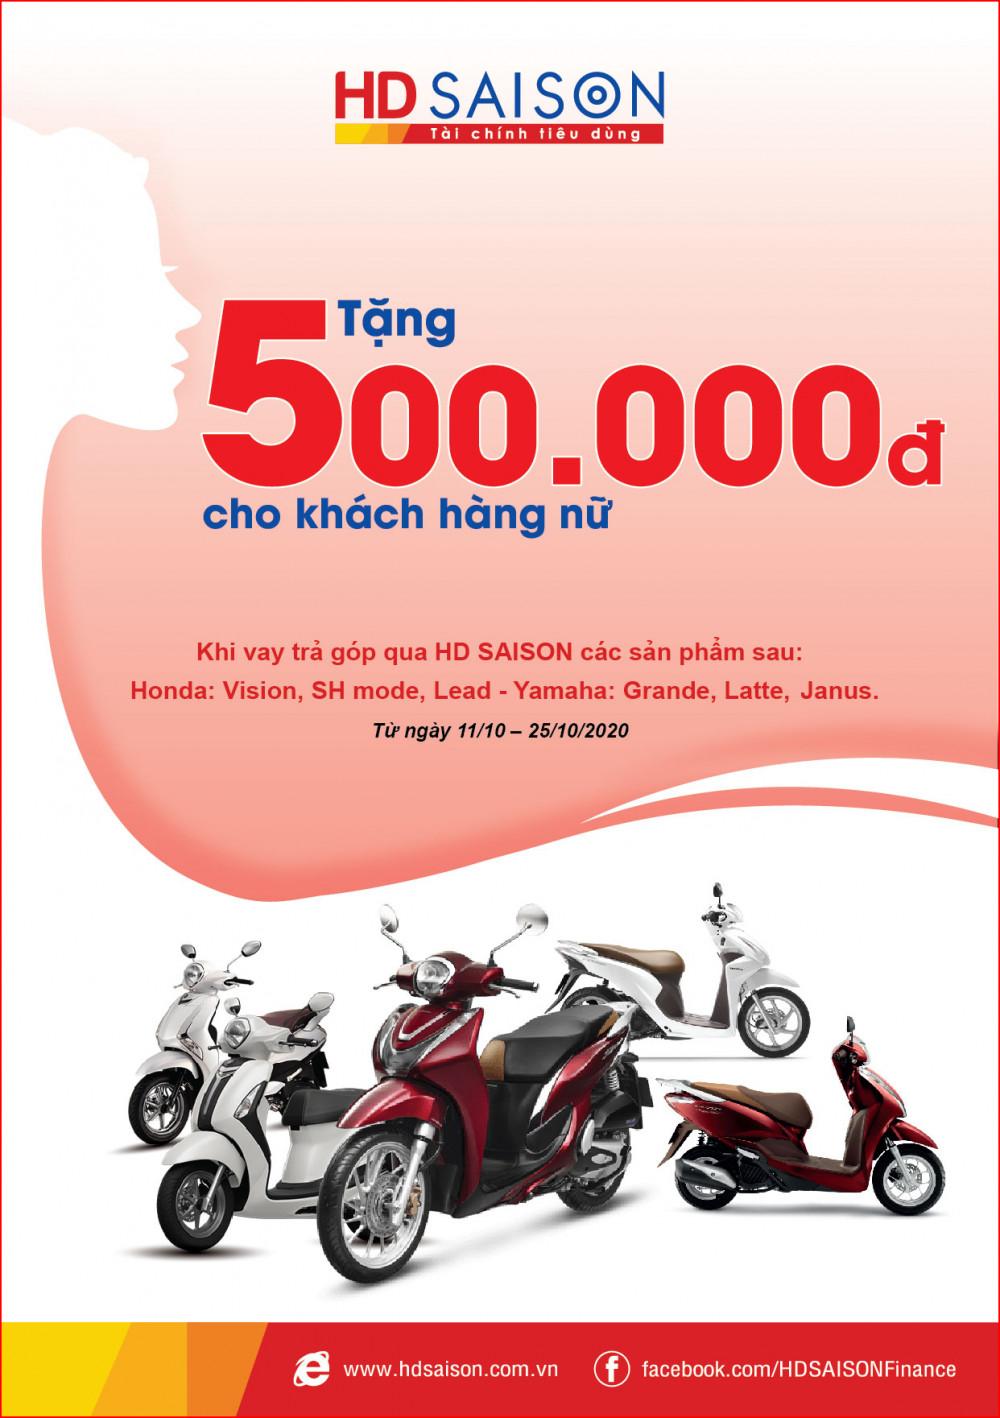 Nhận quà tặng lên đến 500.000 đồng khi trả góp xe máy qua HD SAISON